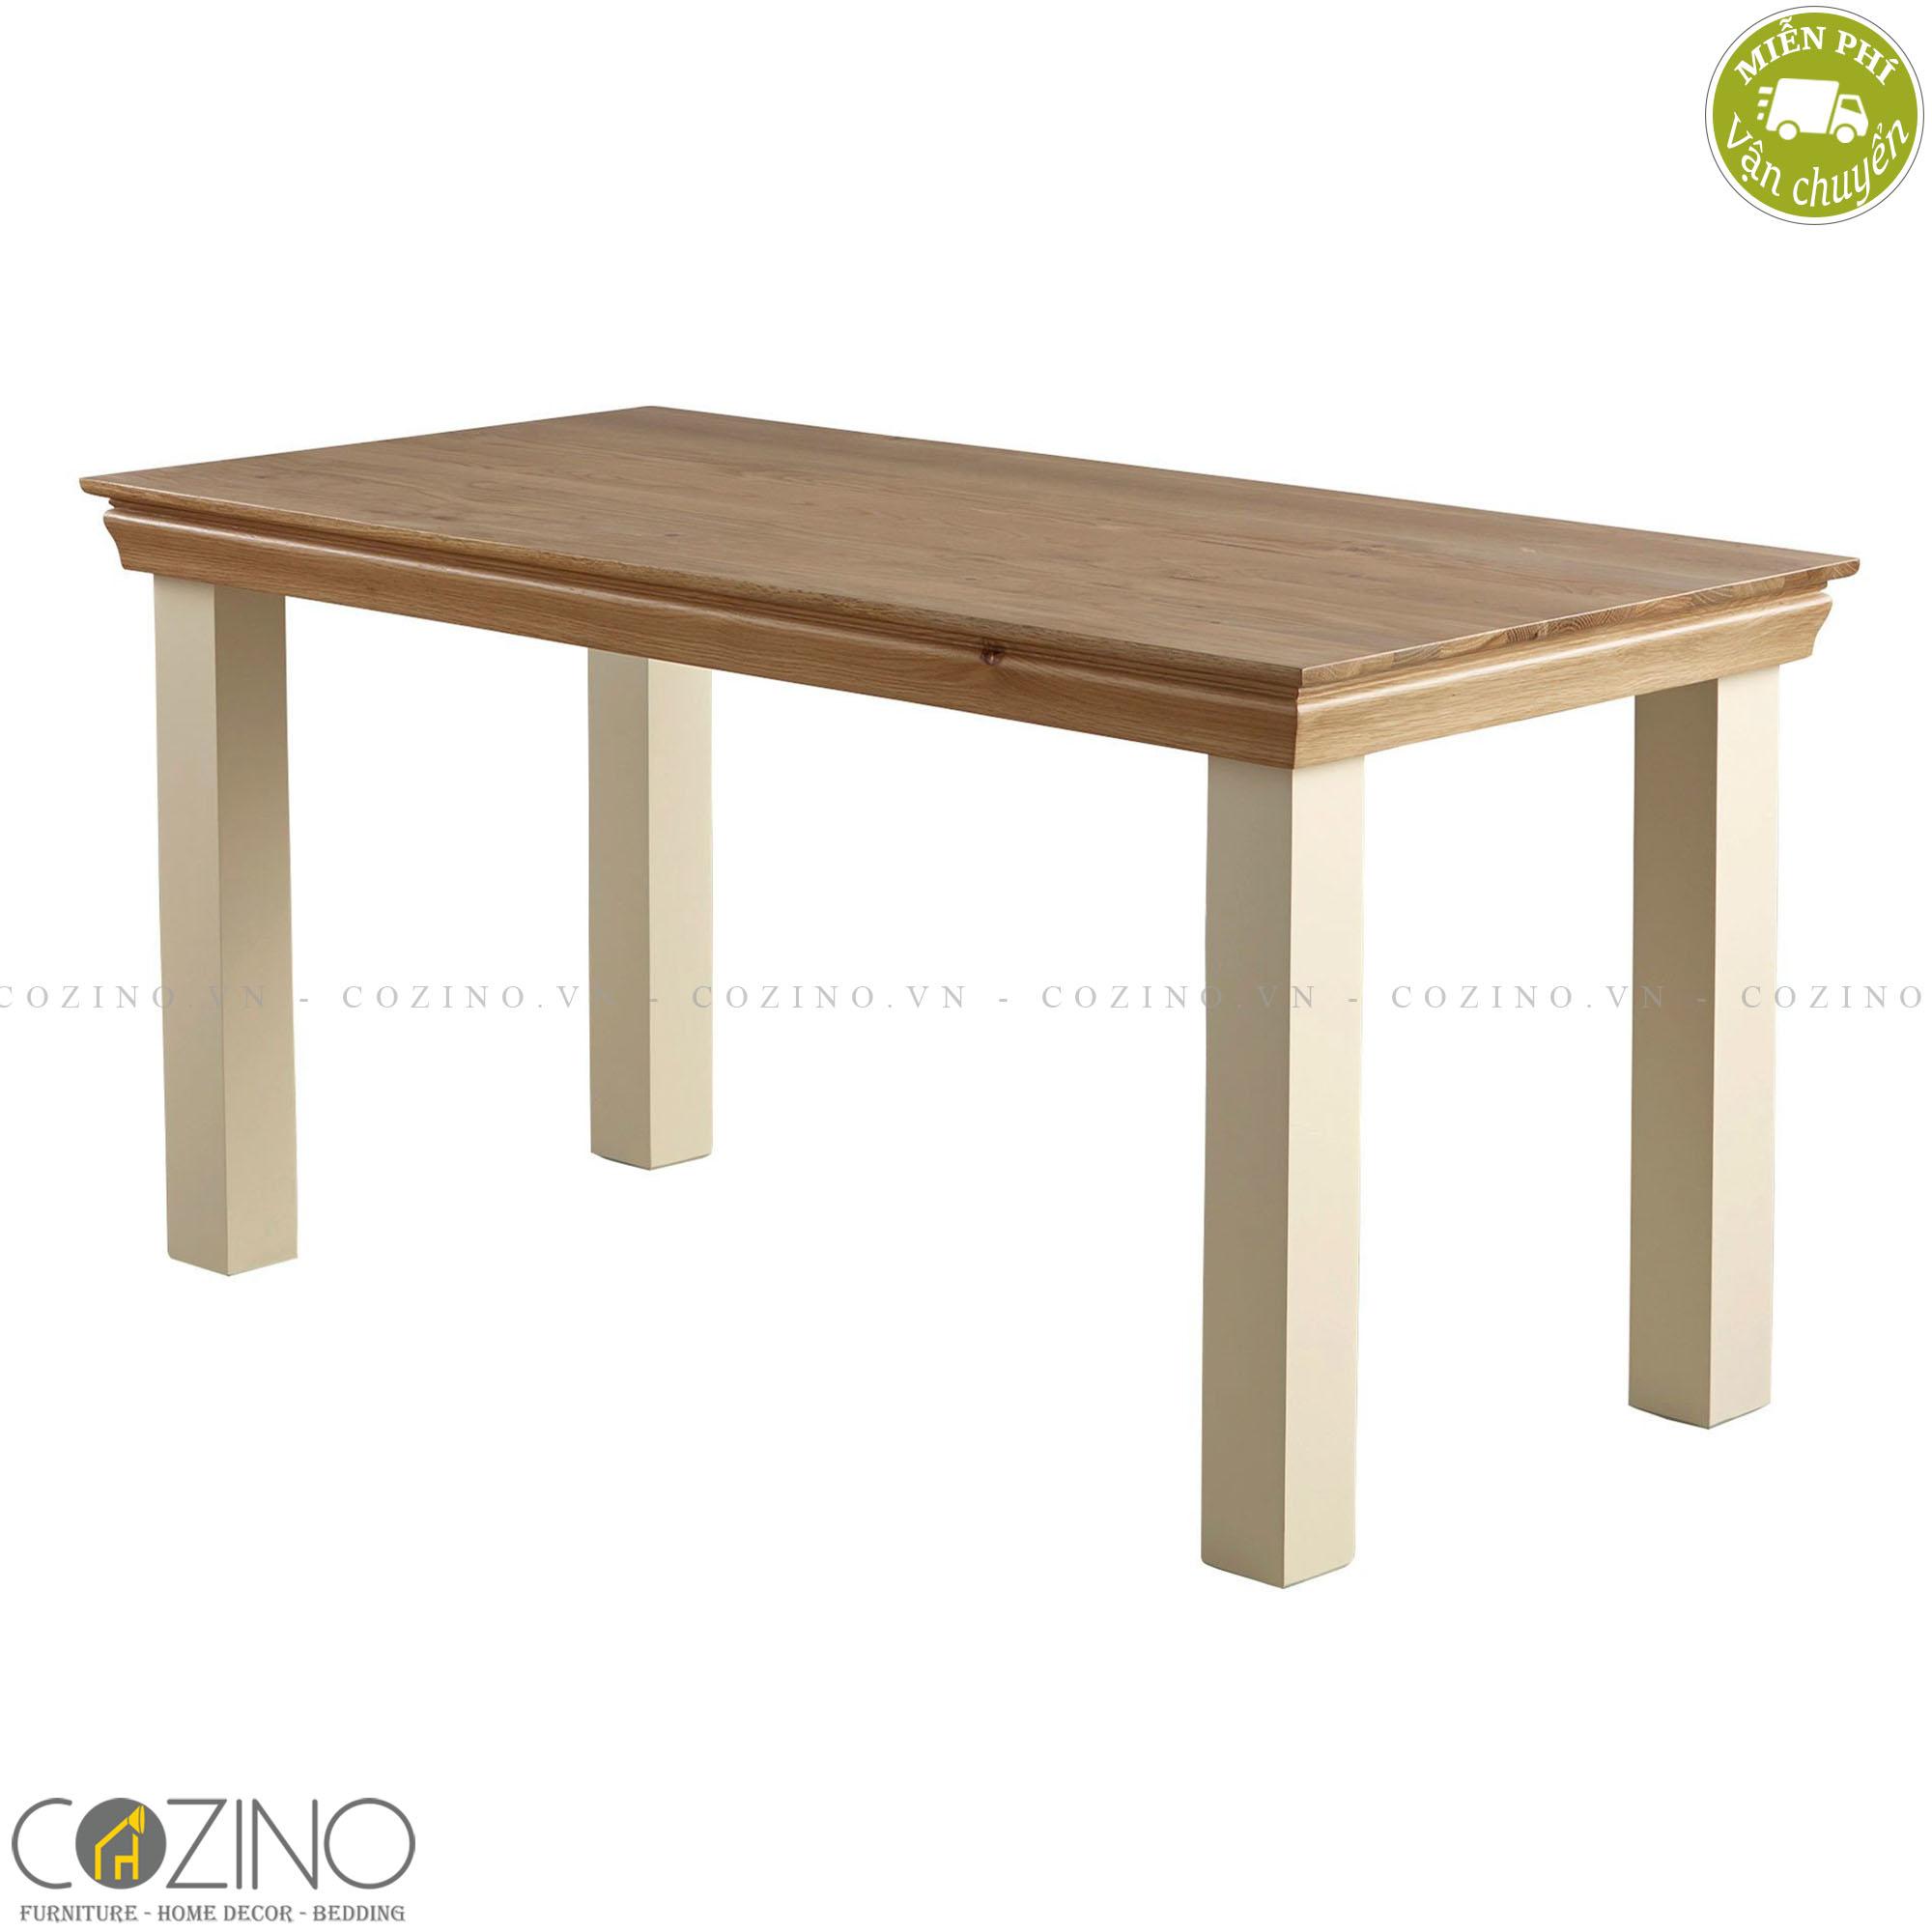 Bàn ăn 2 chỗ Canary 100% gỗ sồi (60x60cm)- cozino